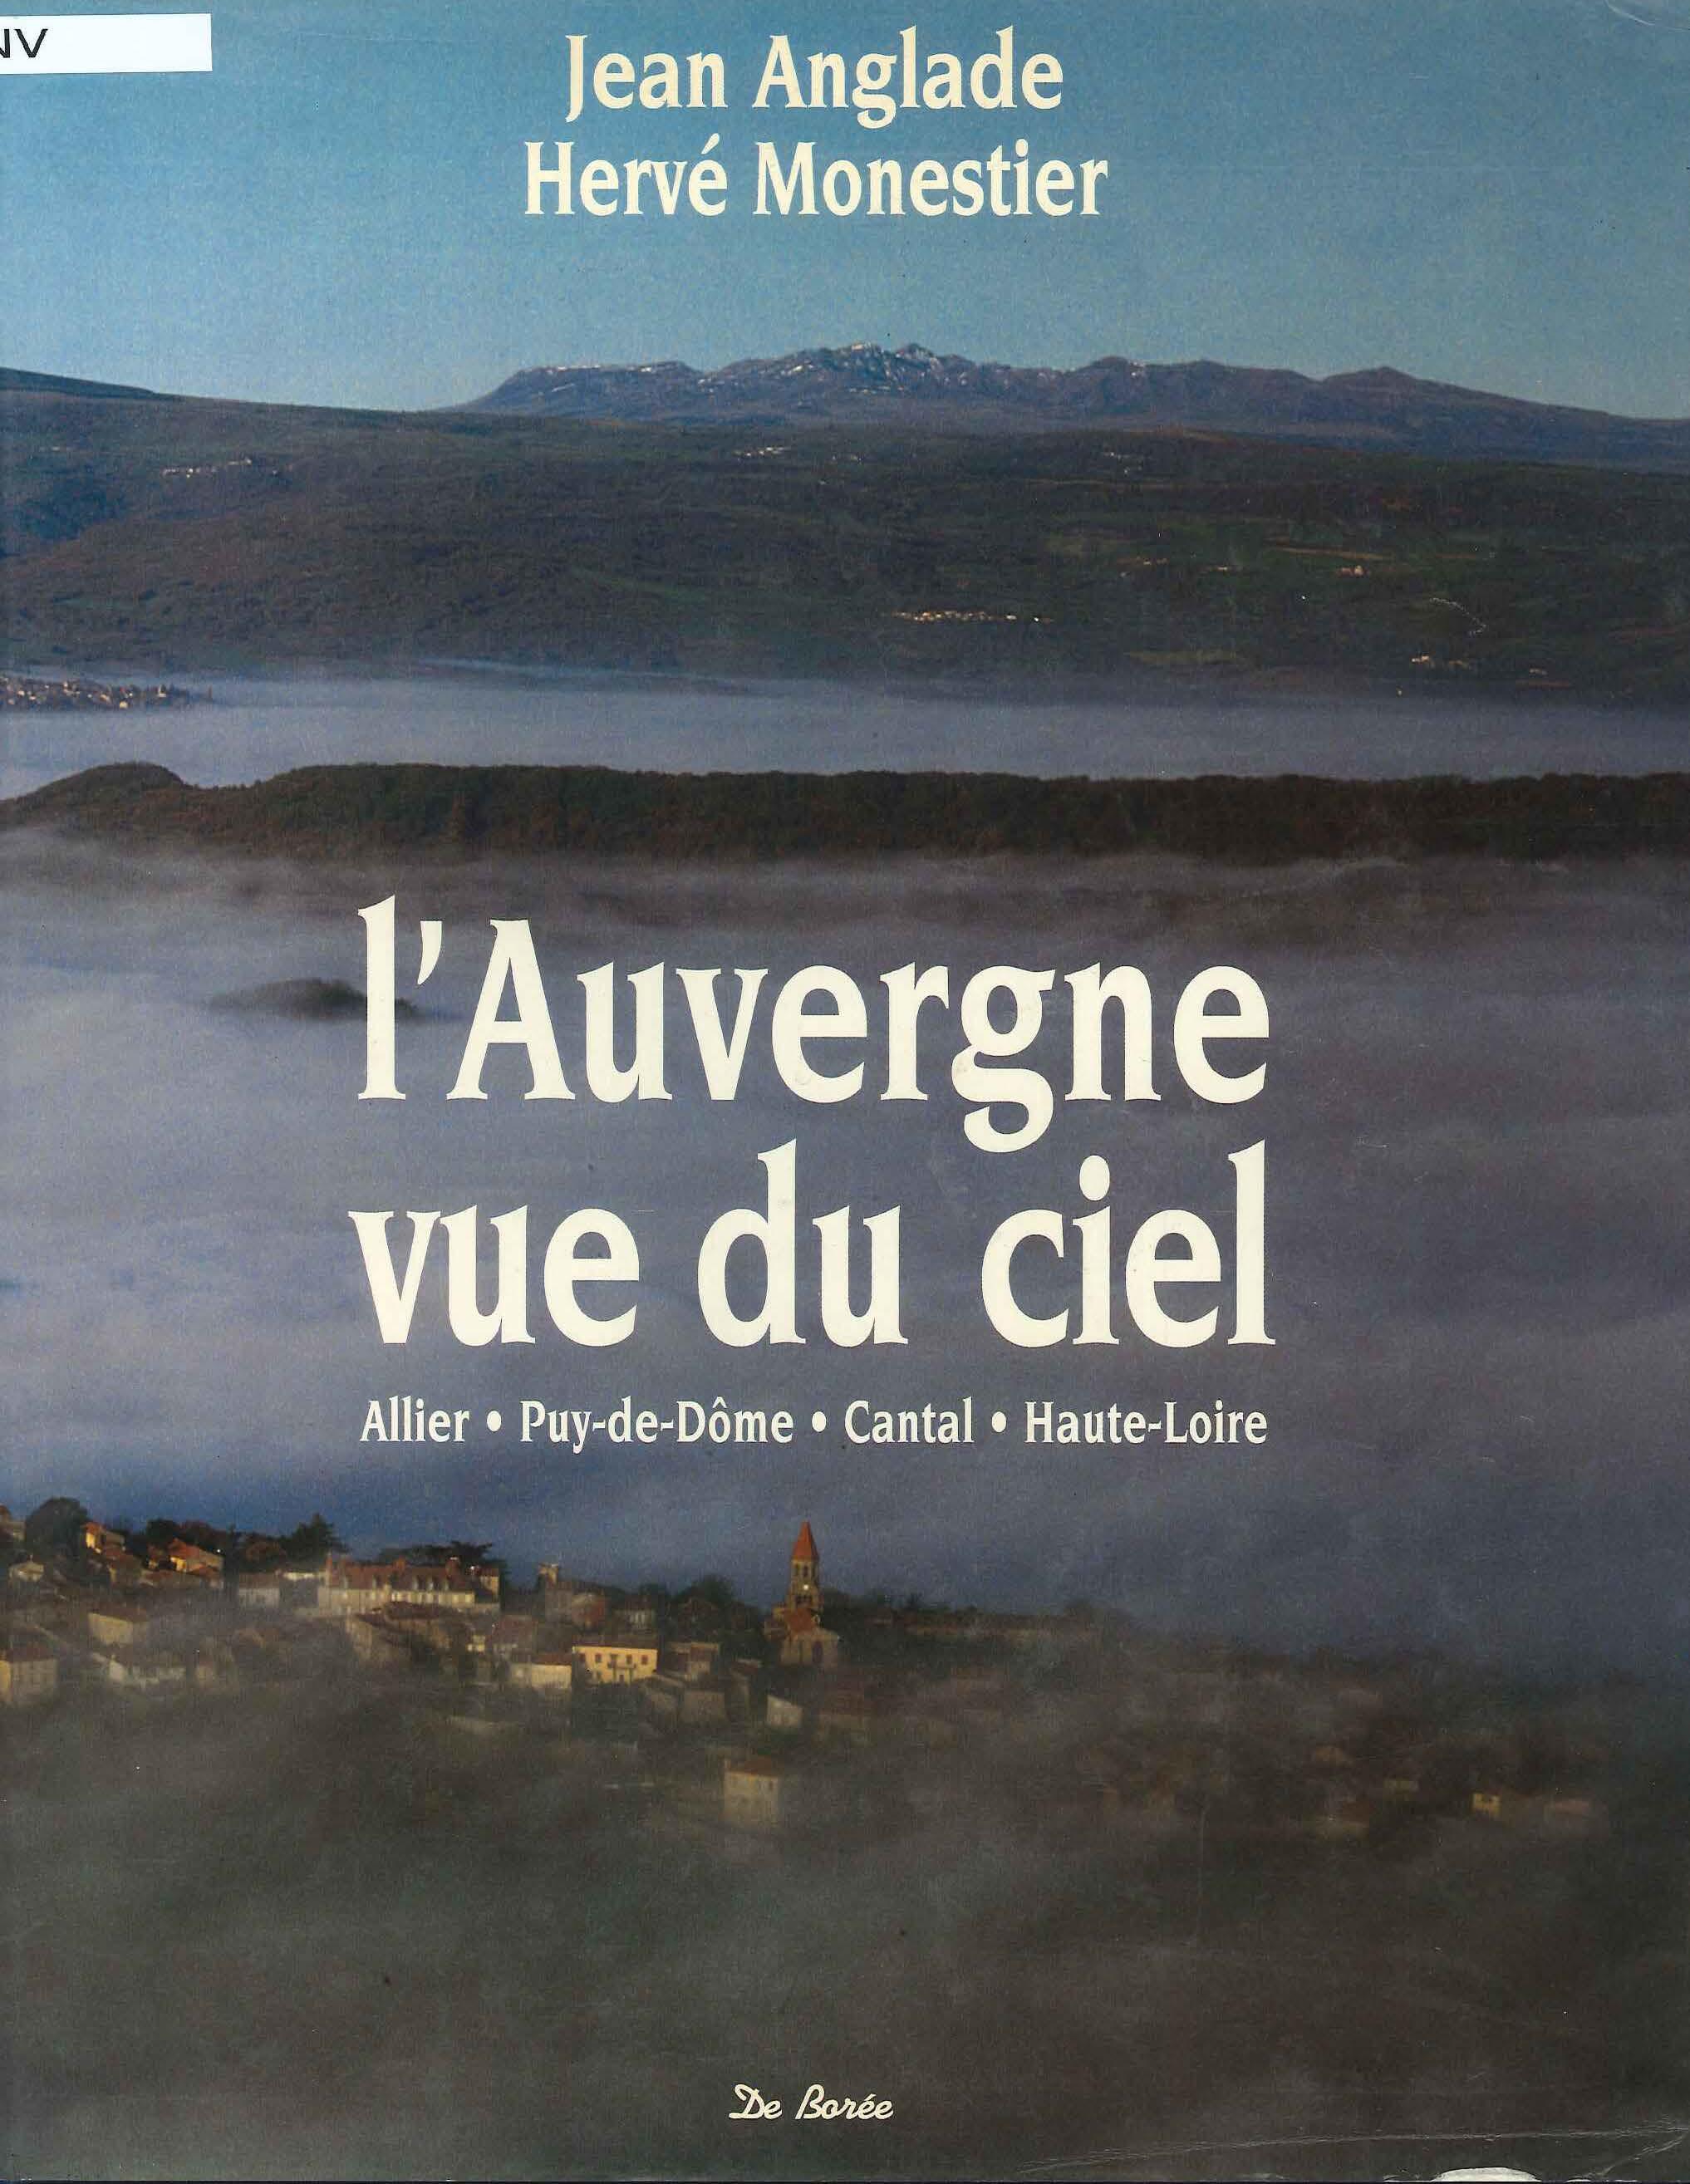 L'Auvergne vu du ciel